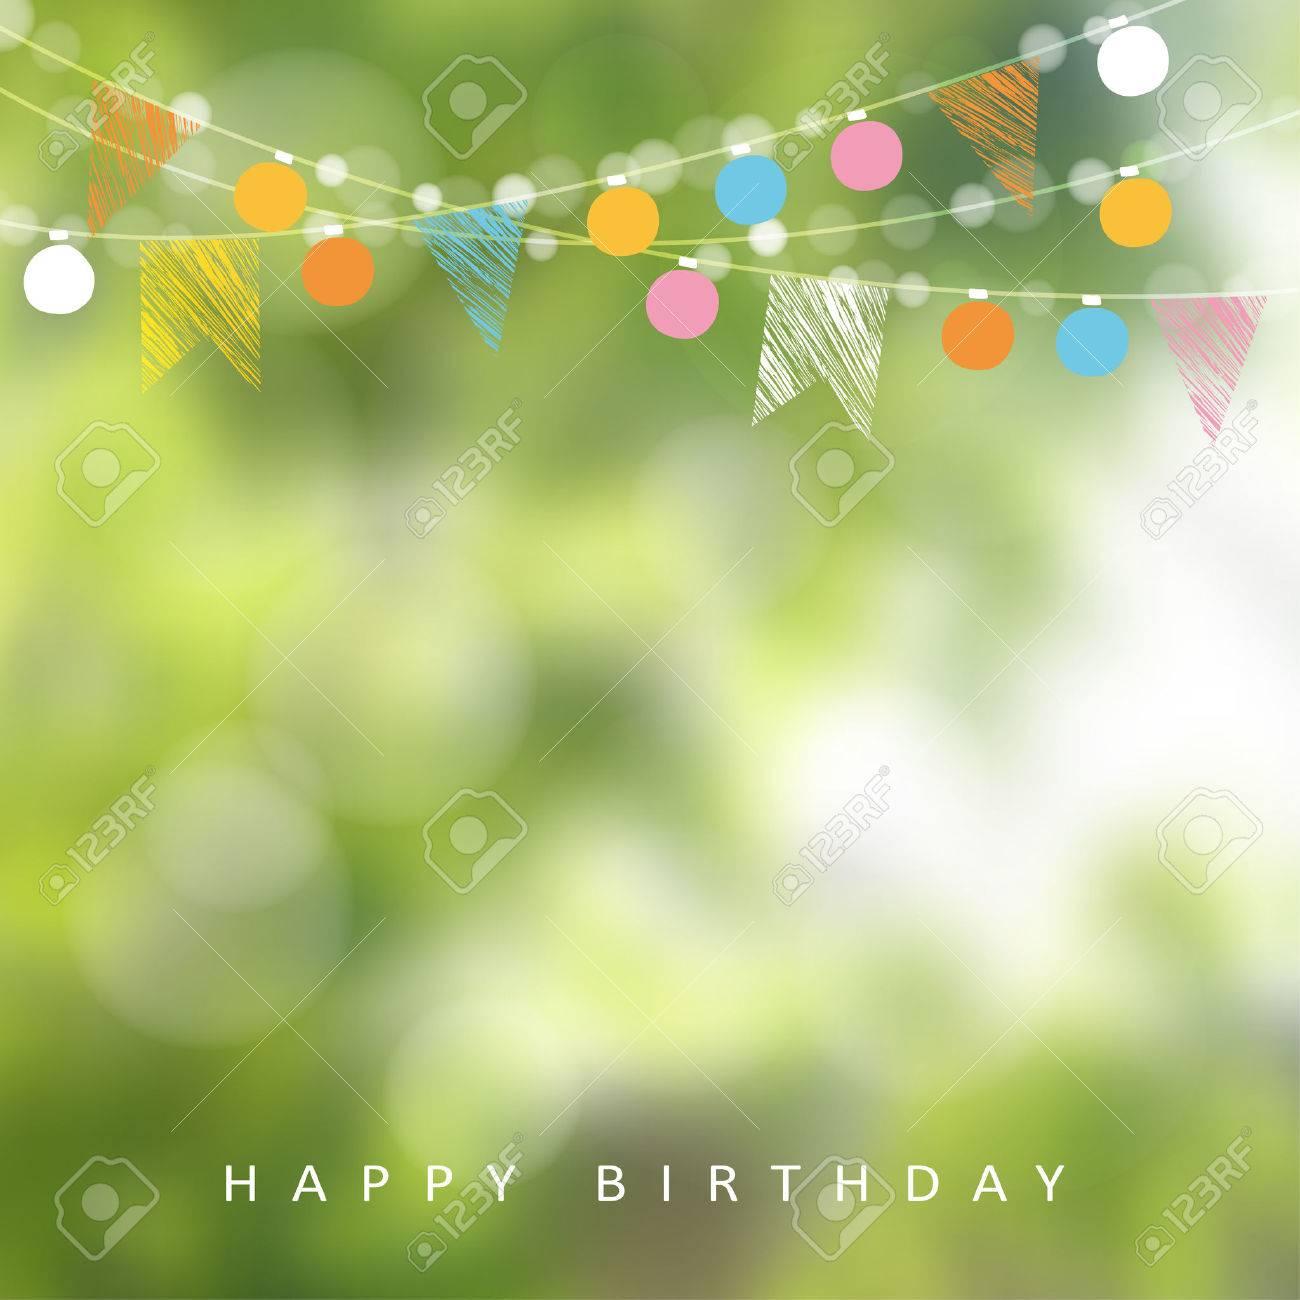 庭の誕生日パーティーやブラジル 6 月パーティー ライト 党旗 背景をぼかした写真のガーランド イラストのイラスト素材 ベクタ Image